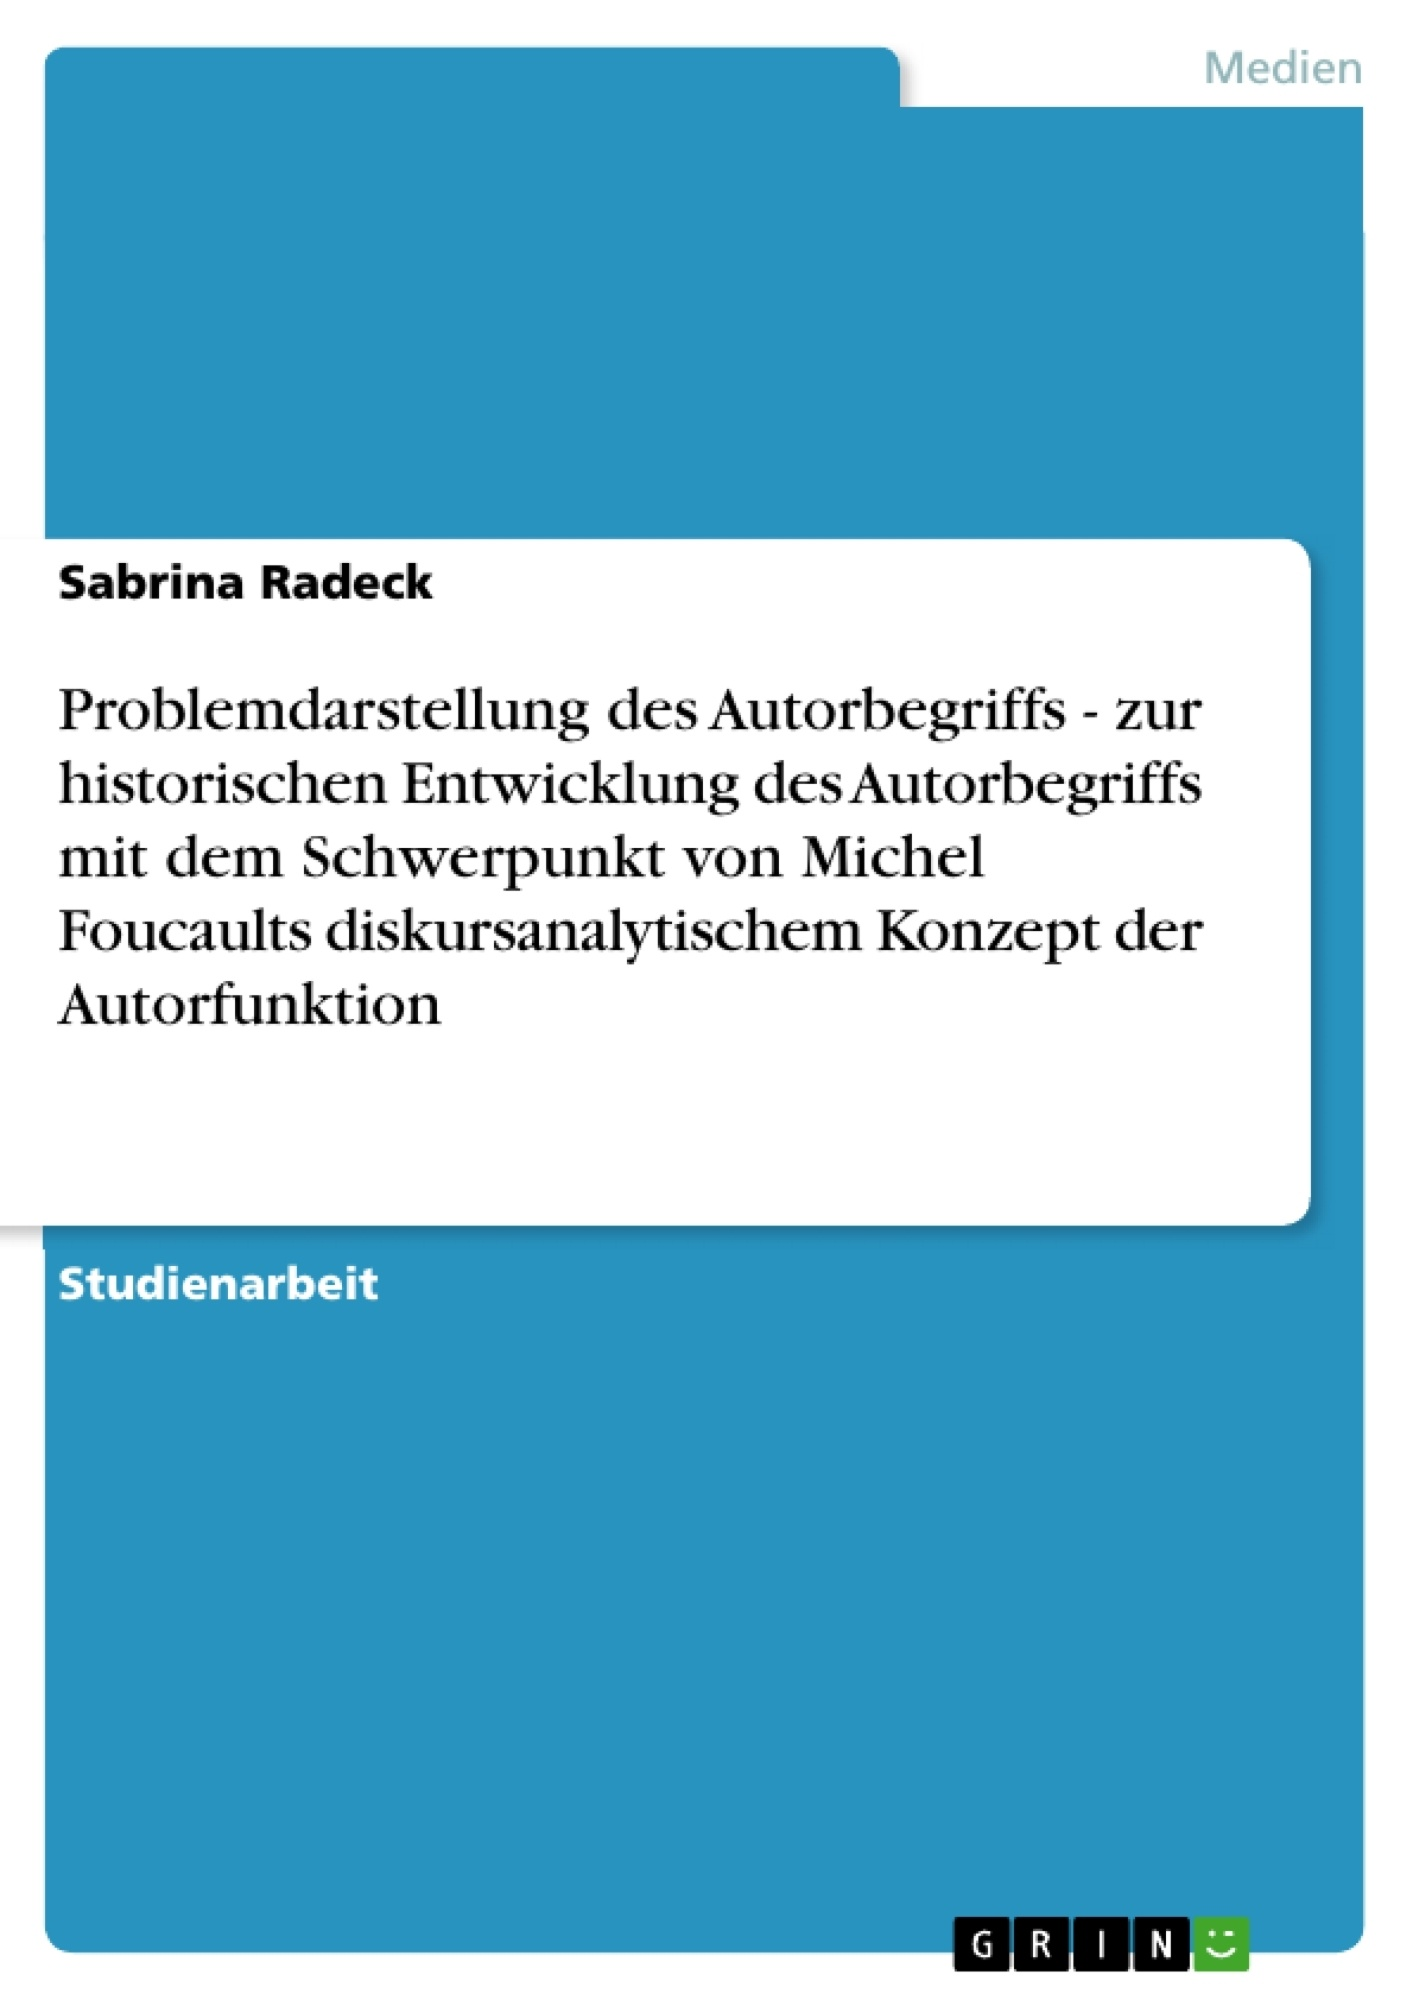 Titel: Problemdarstellung des Autorbegriffs - zur historischen Entwicklung des Autorbegriffs mit dem Schwerpunkt von Michel Foucaults diskursanalytischem Konzept der Autorfunktion